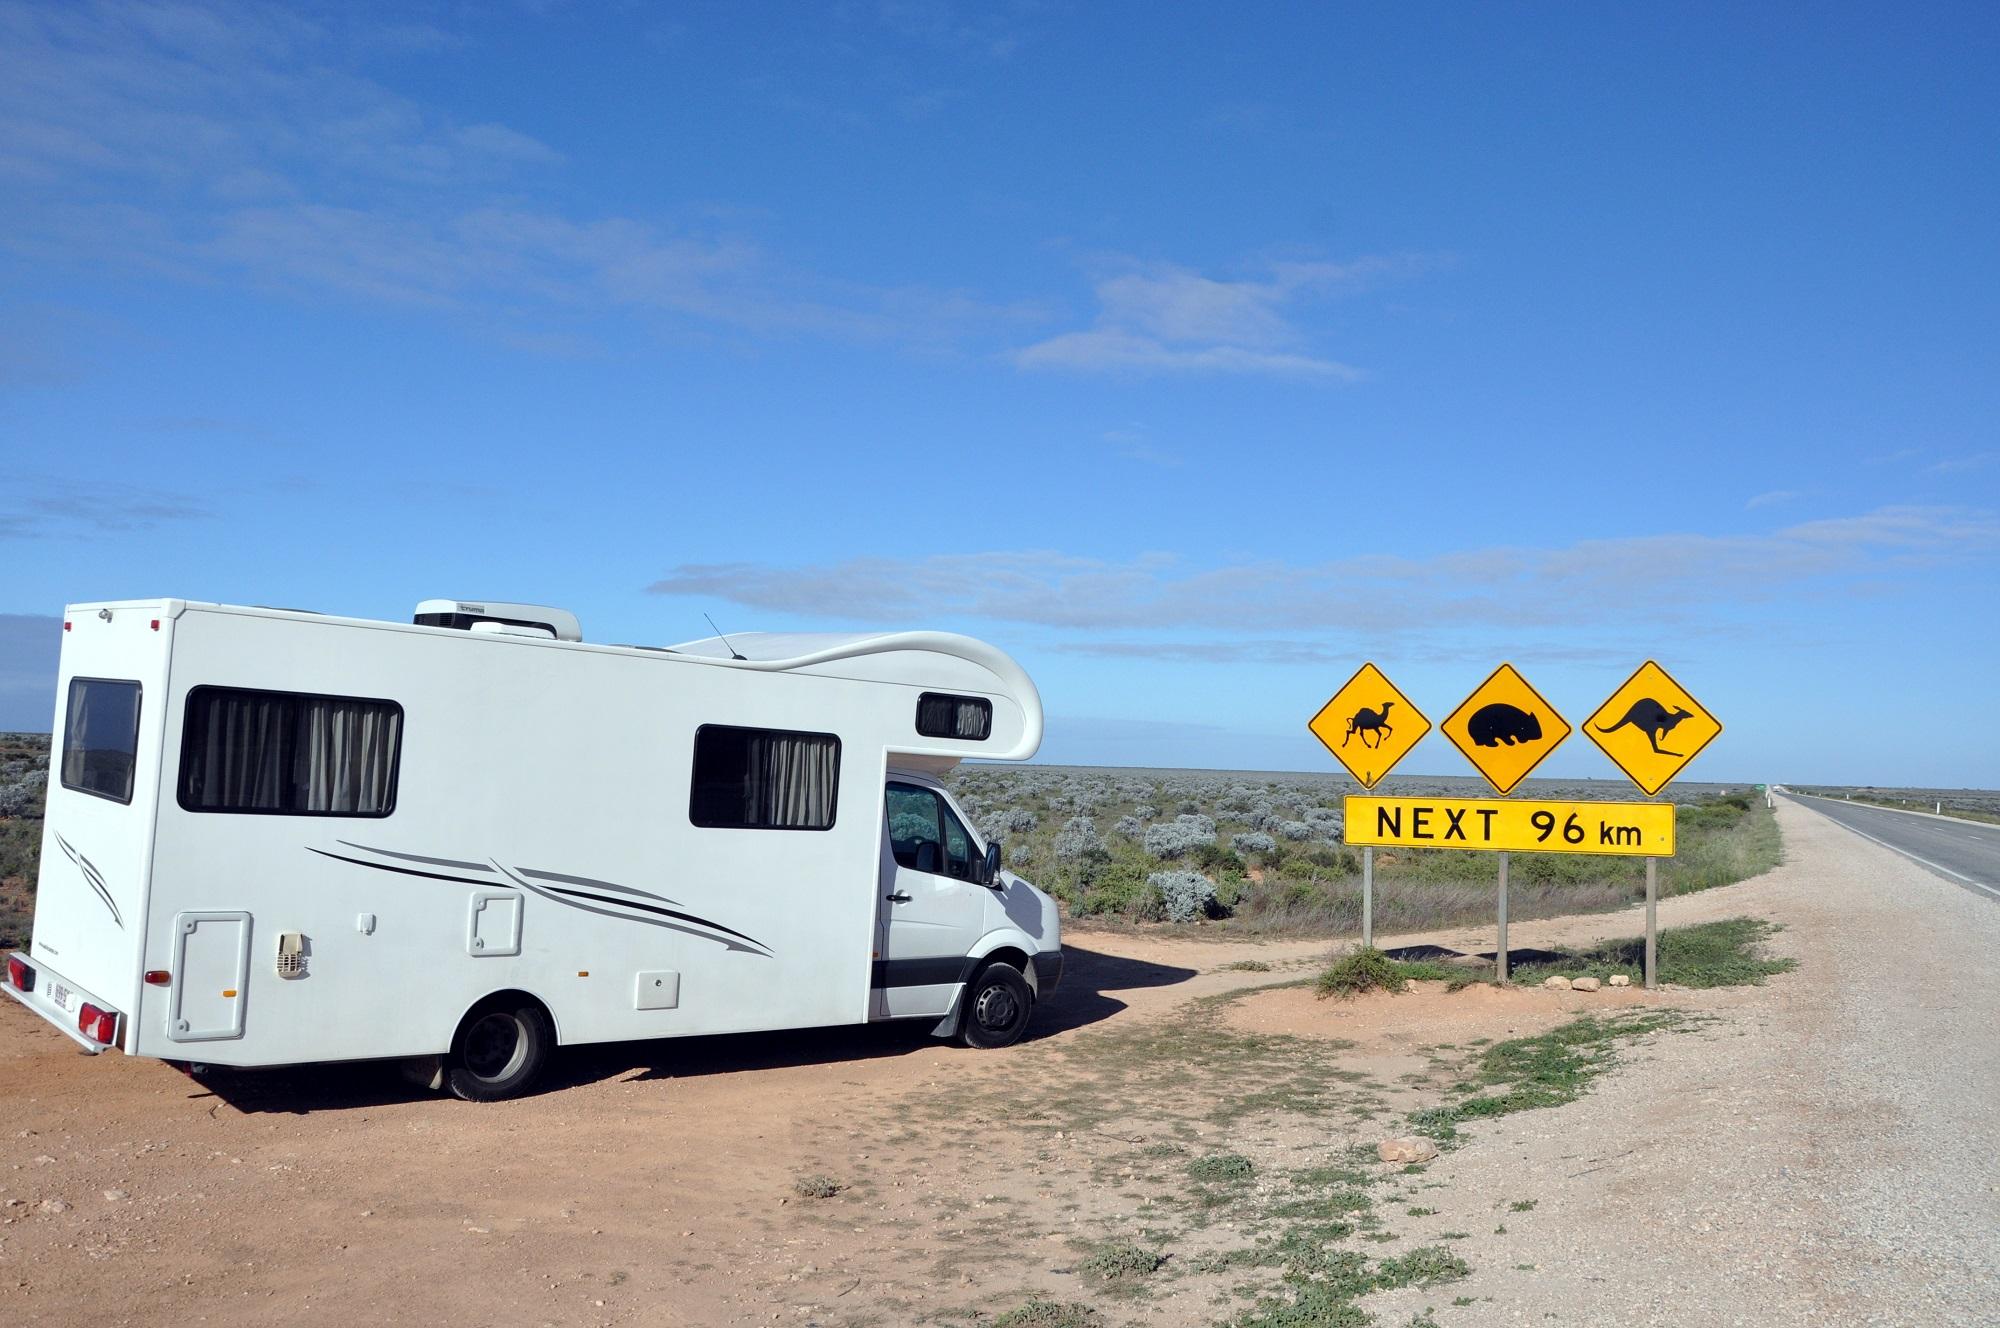 Campervan am Straßenrand, Australien Tipps